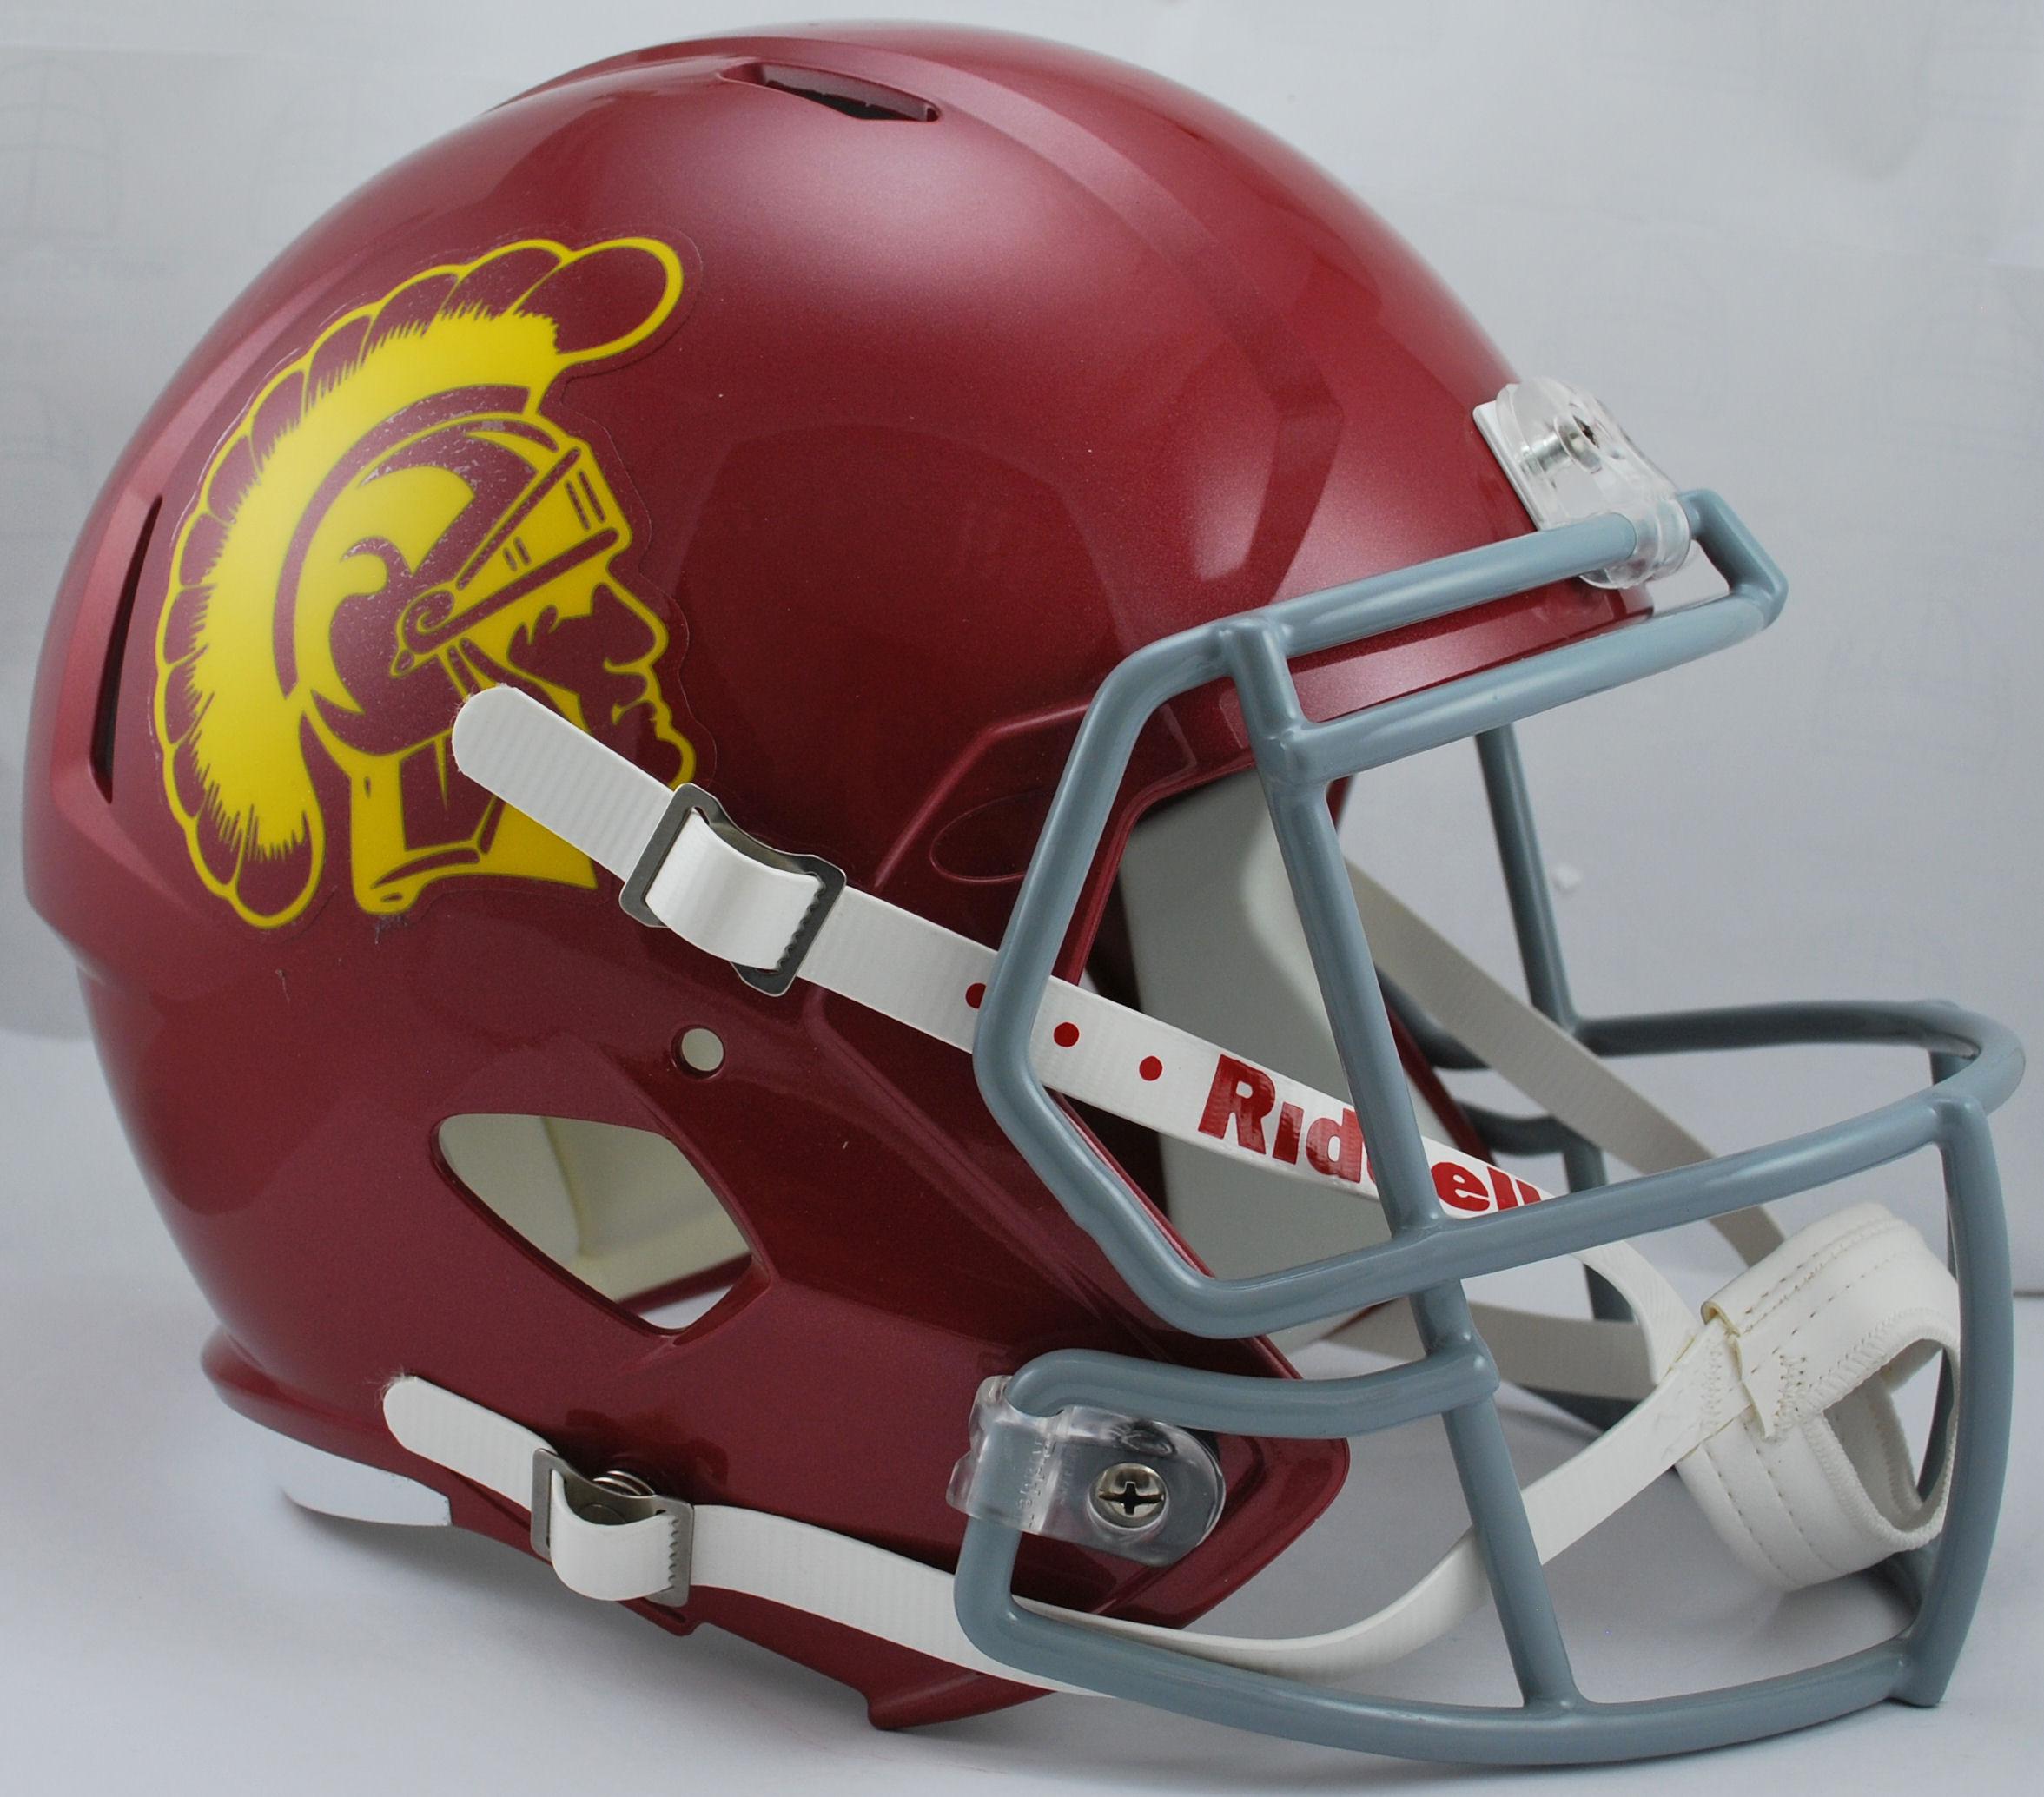 USC Trojans Speed Replica Football Helmet